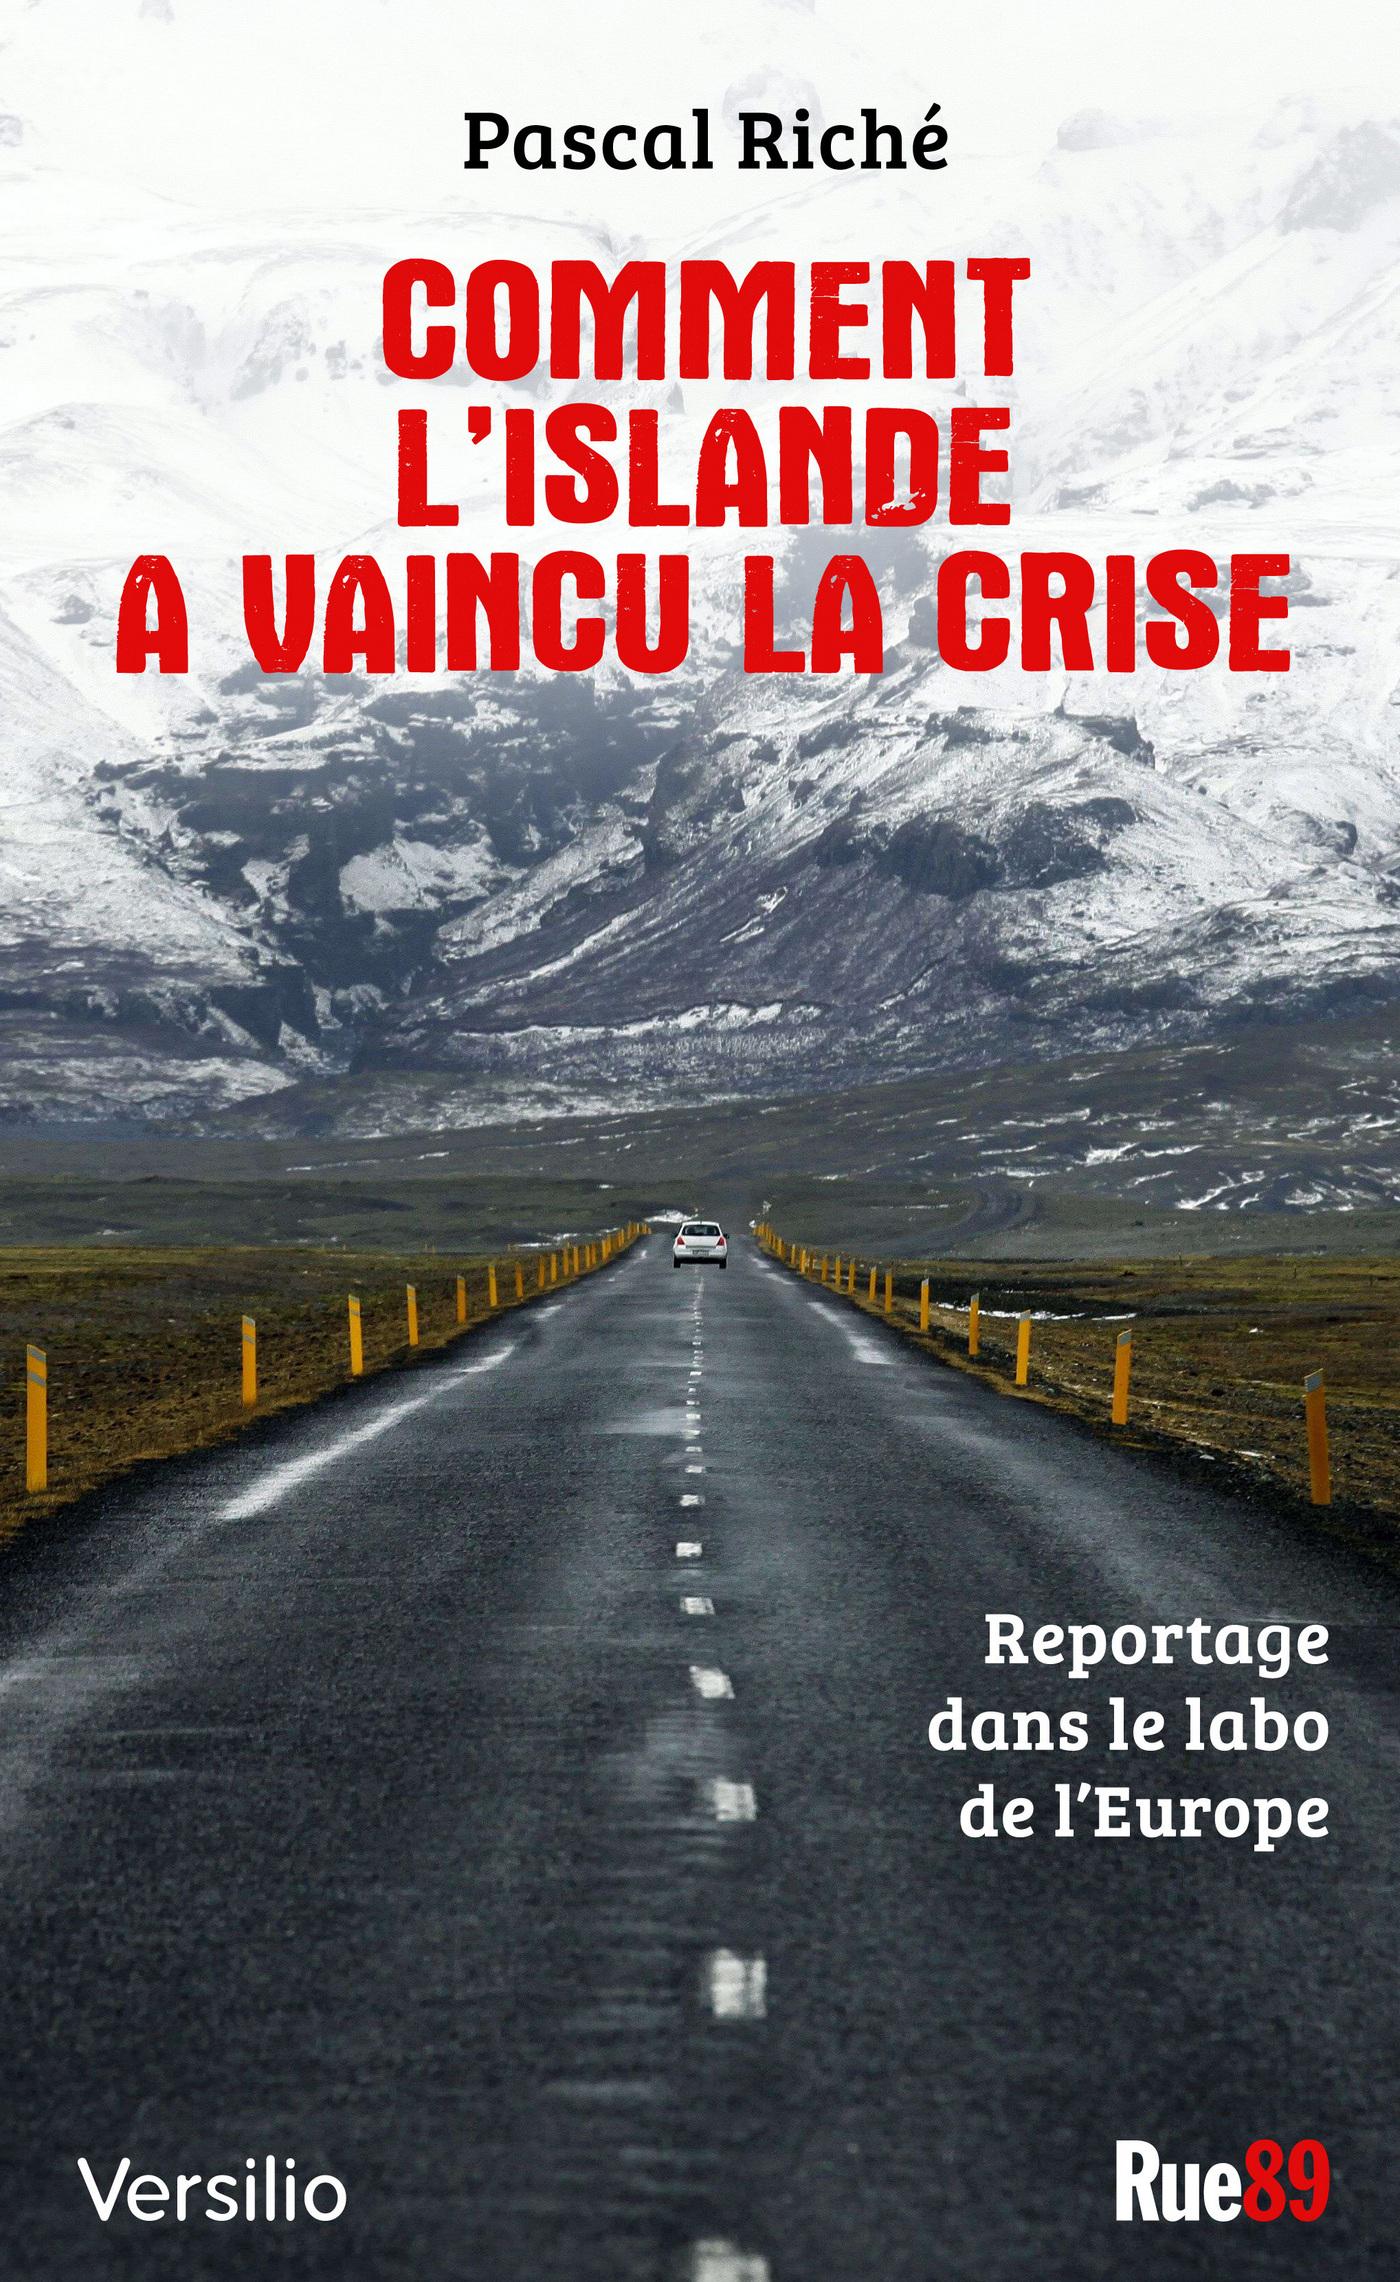 Comment l'Islande a vaincu la crise: reportage dans le labo de l'Europe